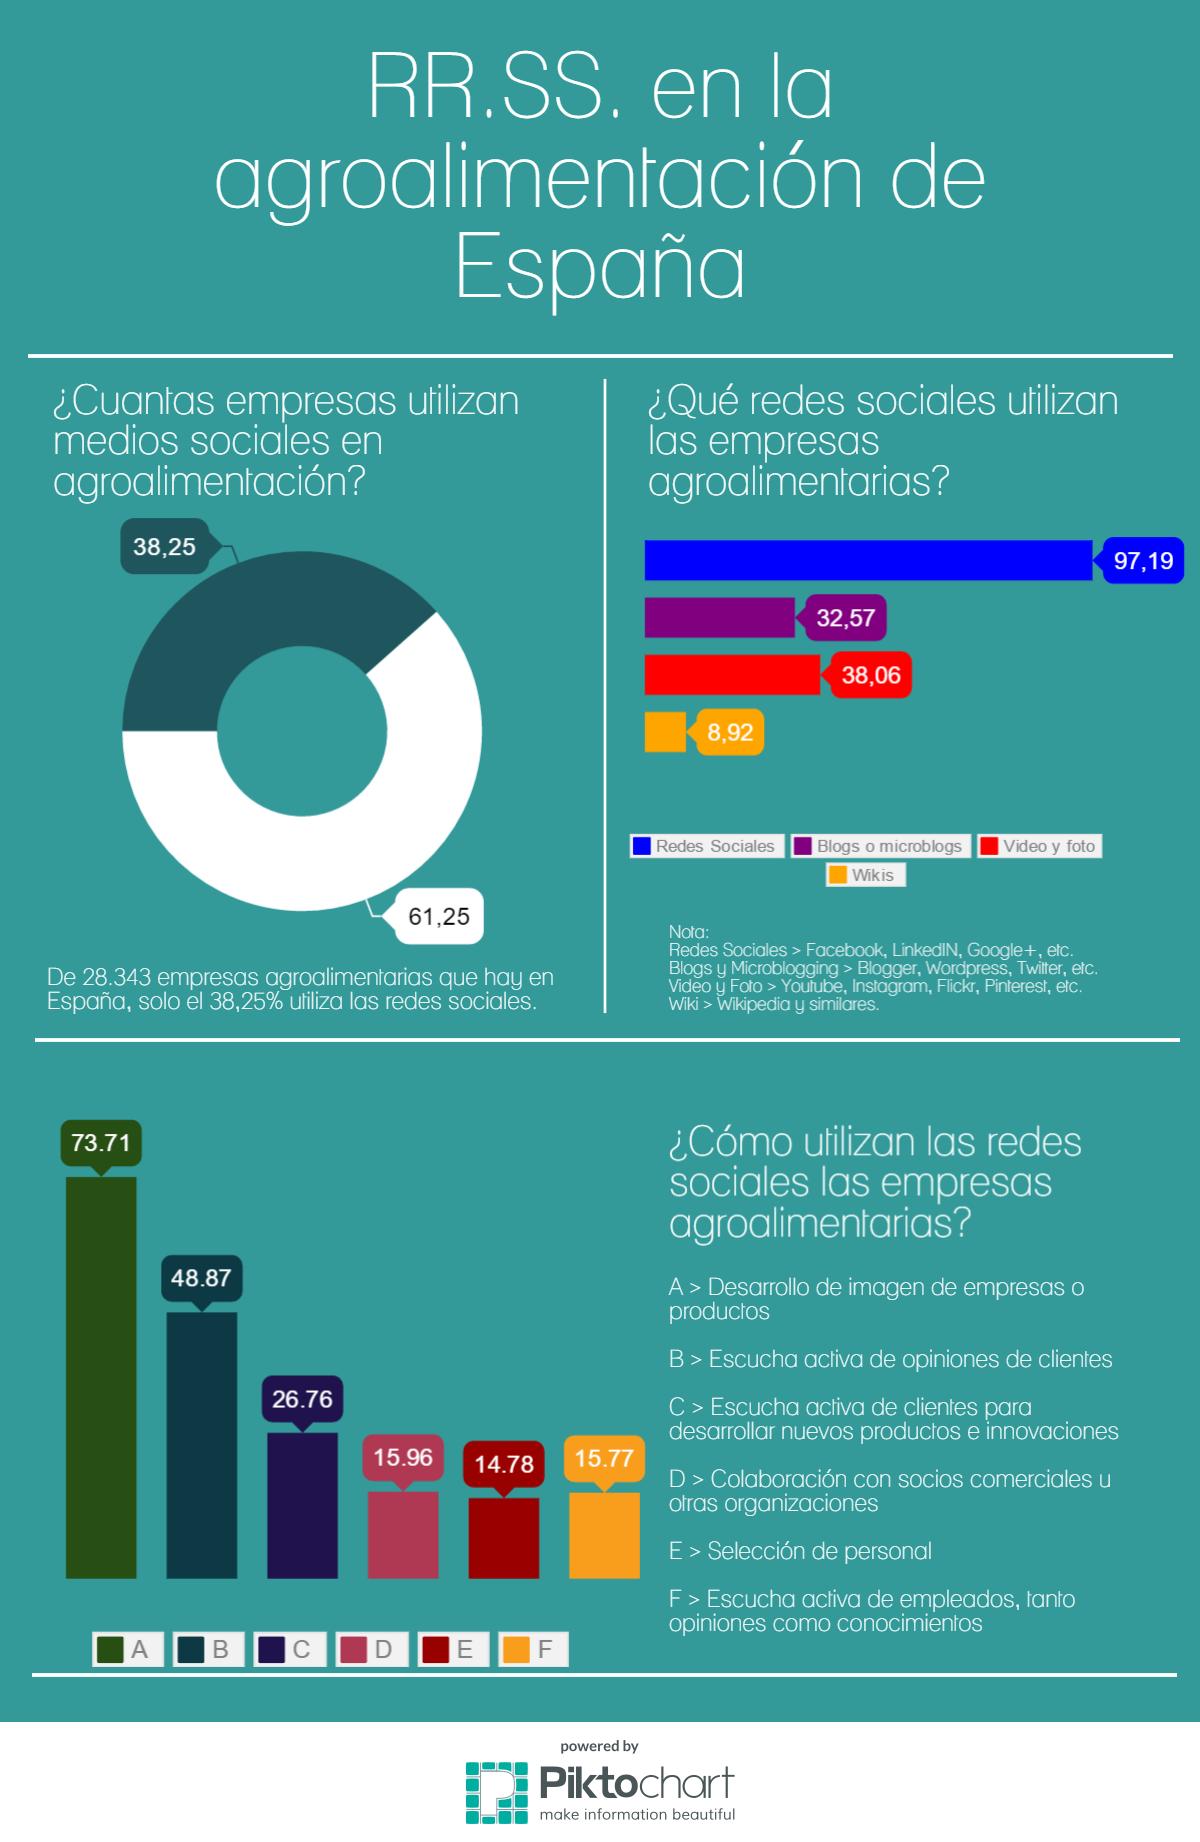 RR.SS. en la agroalimentación de España